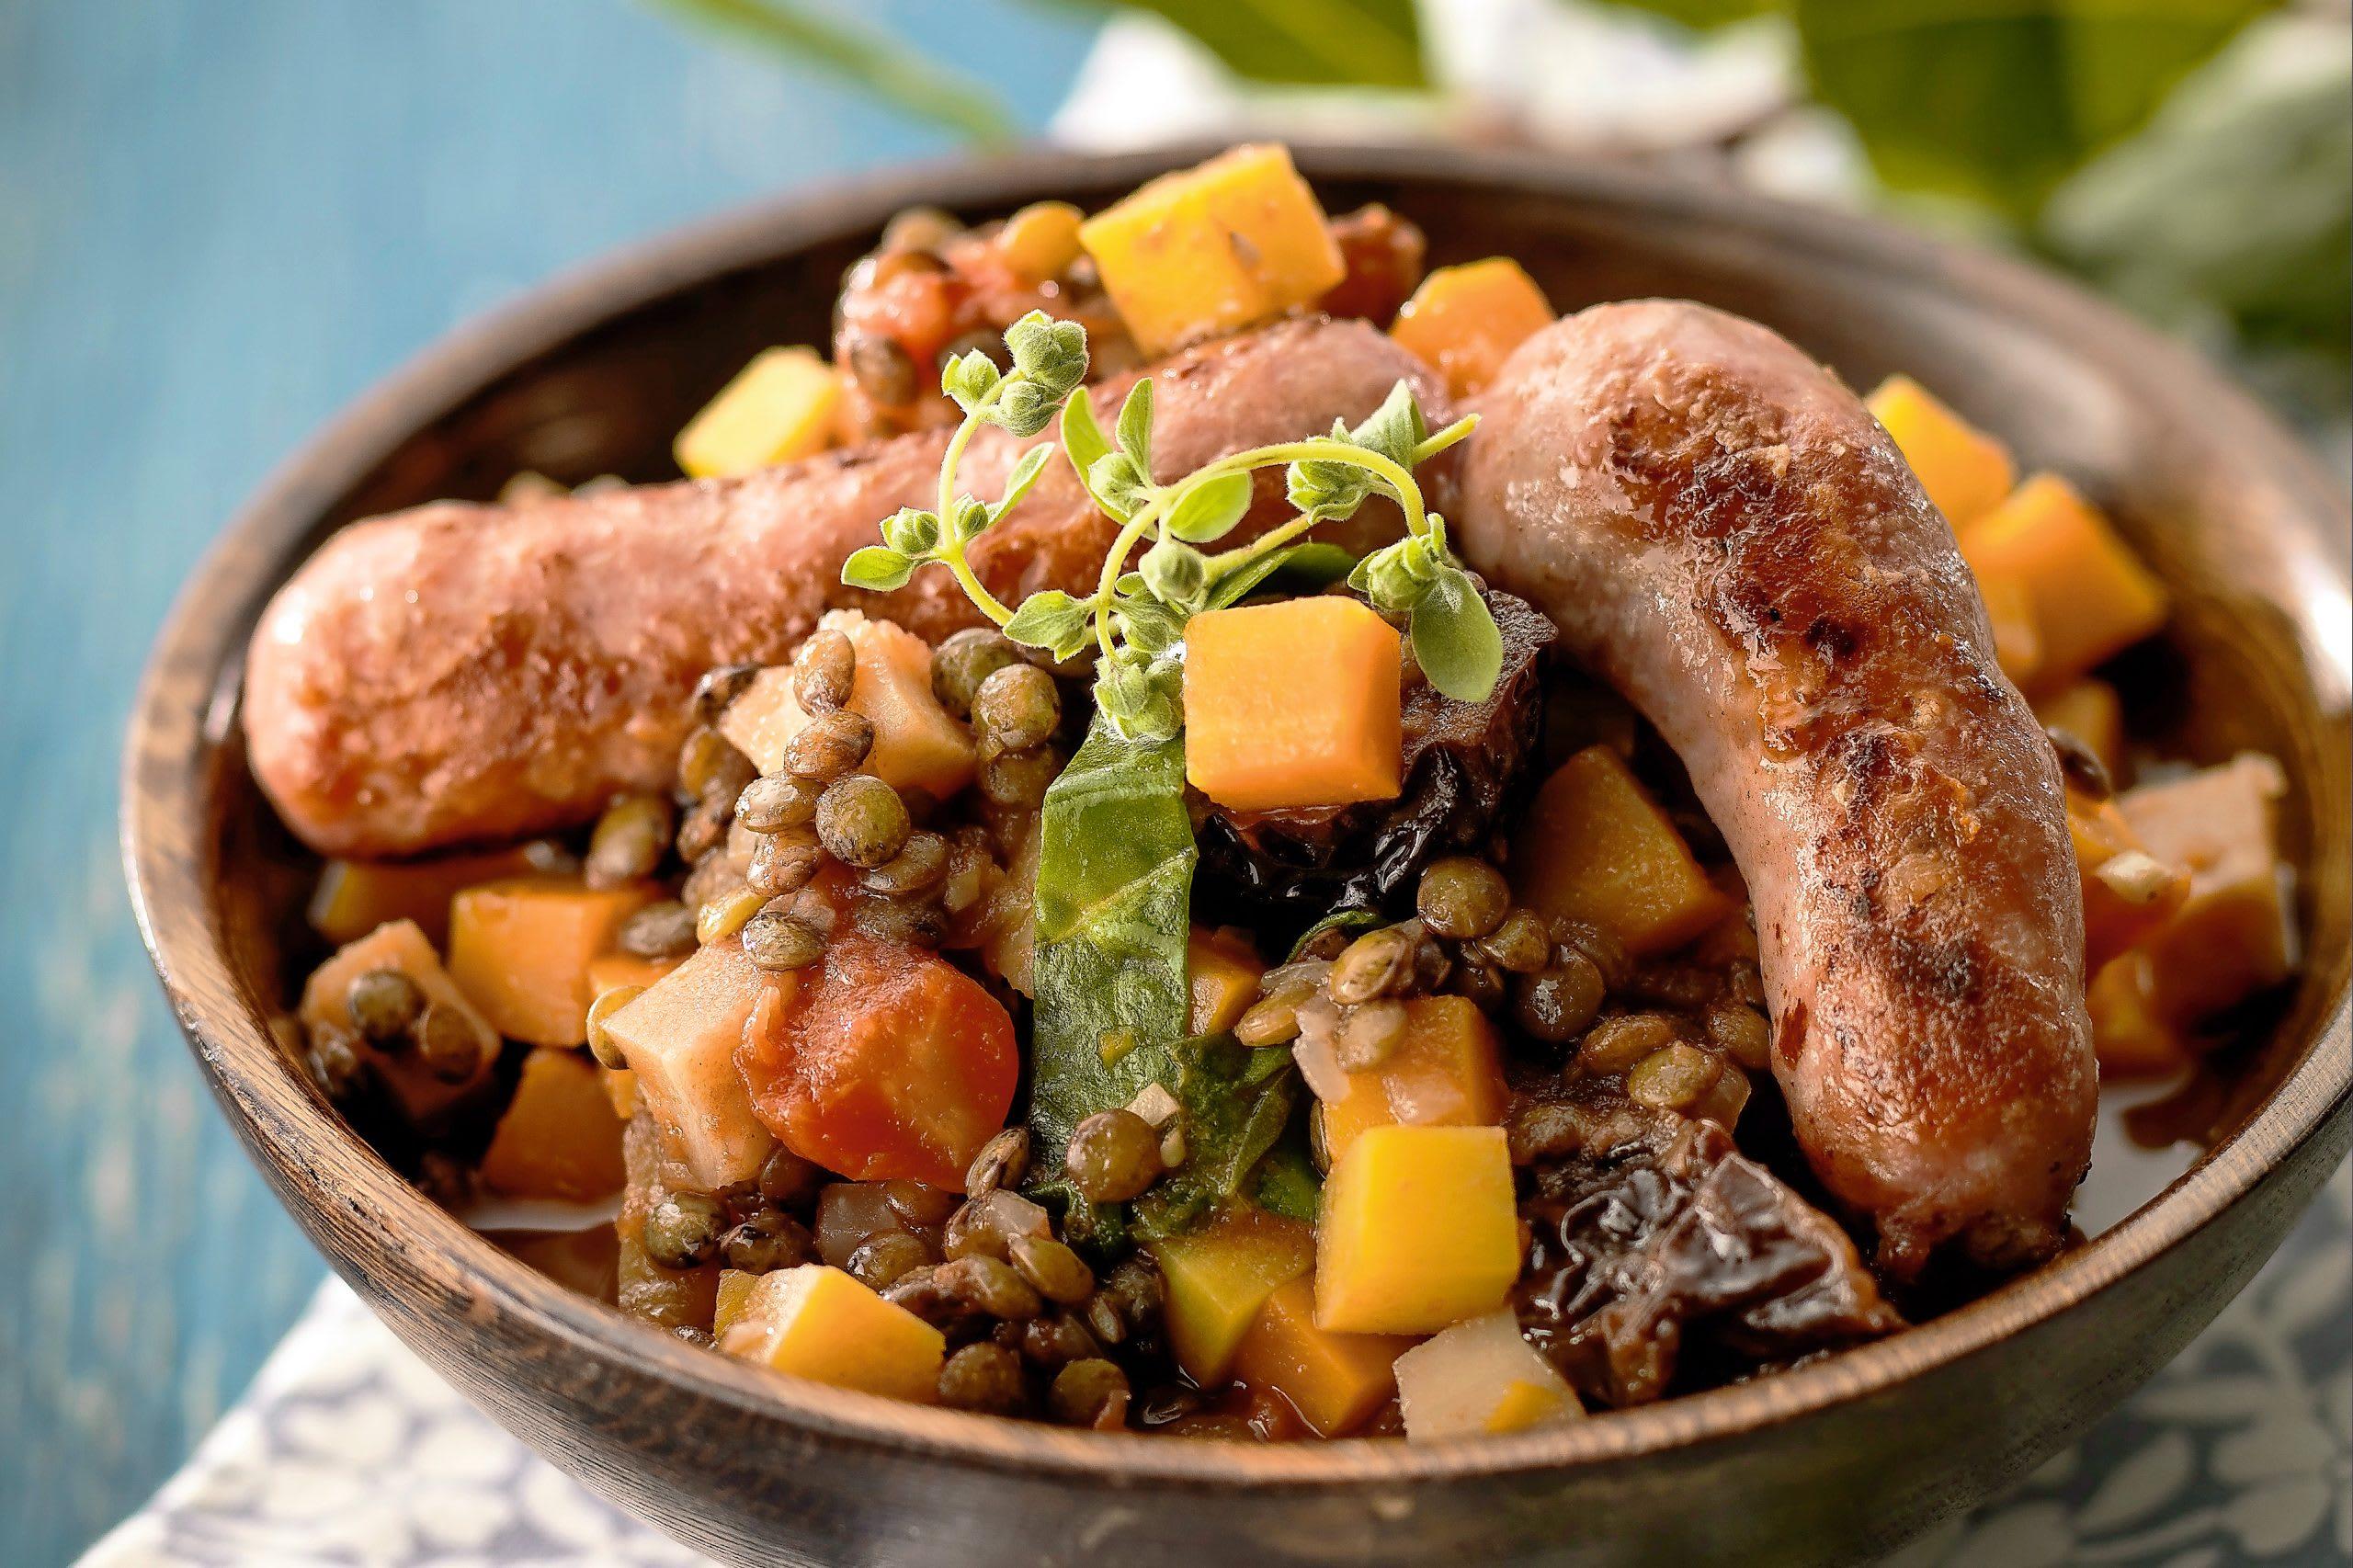 Ragoût de lentilles, légumes et saucisse